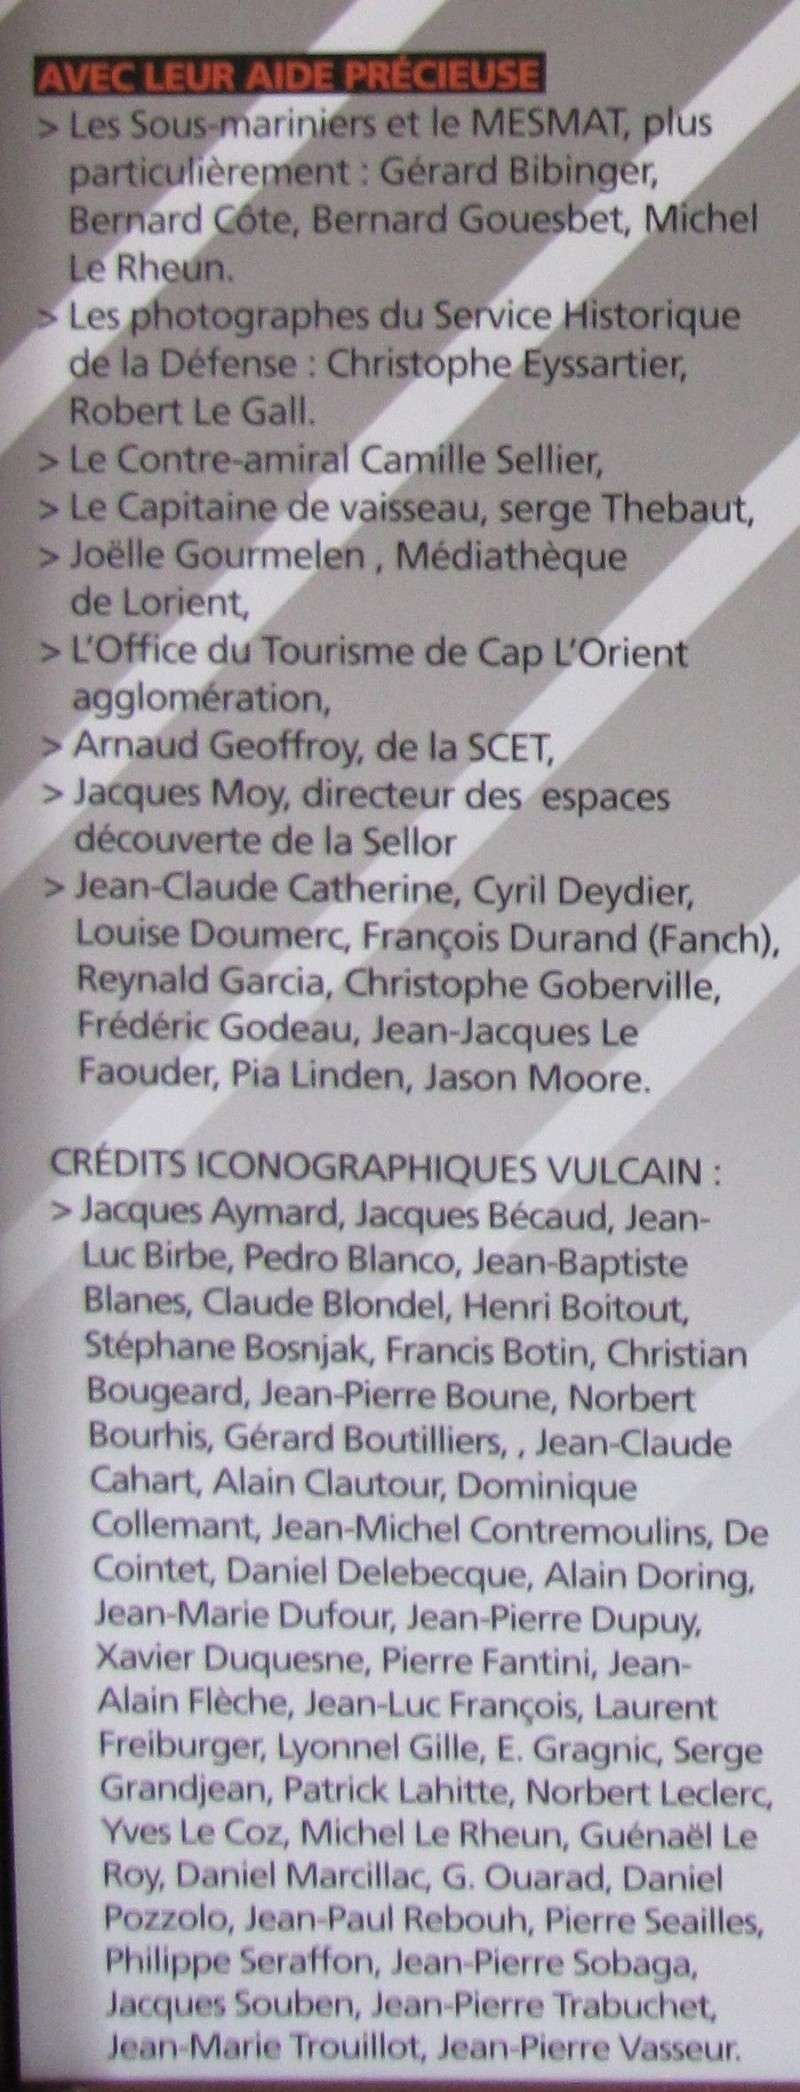 [Les musées en rapport avec la Marine] INAUGURATION DU MUSÉE DE LA FLORE - BSM KÉROMAN - Page 2 Copie_12